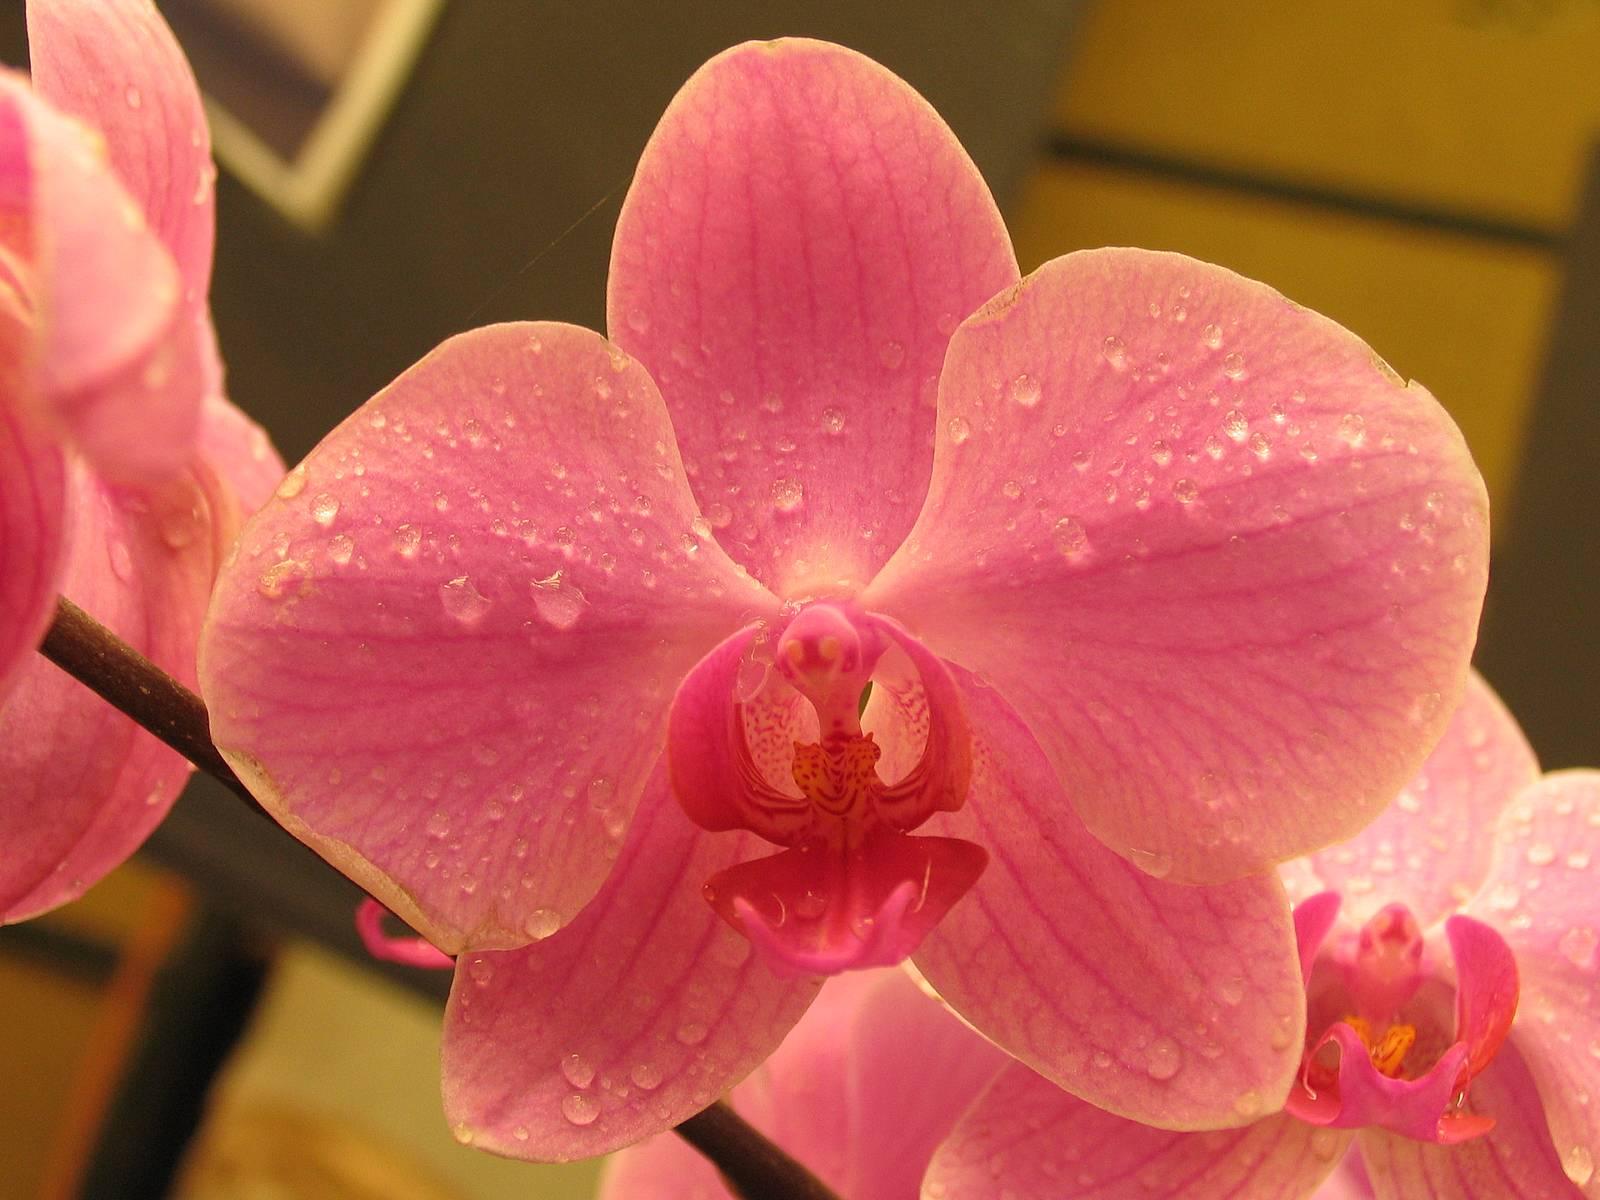 Уход за орхидеей после покупки: советы цветоводу